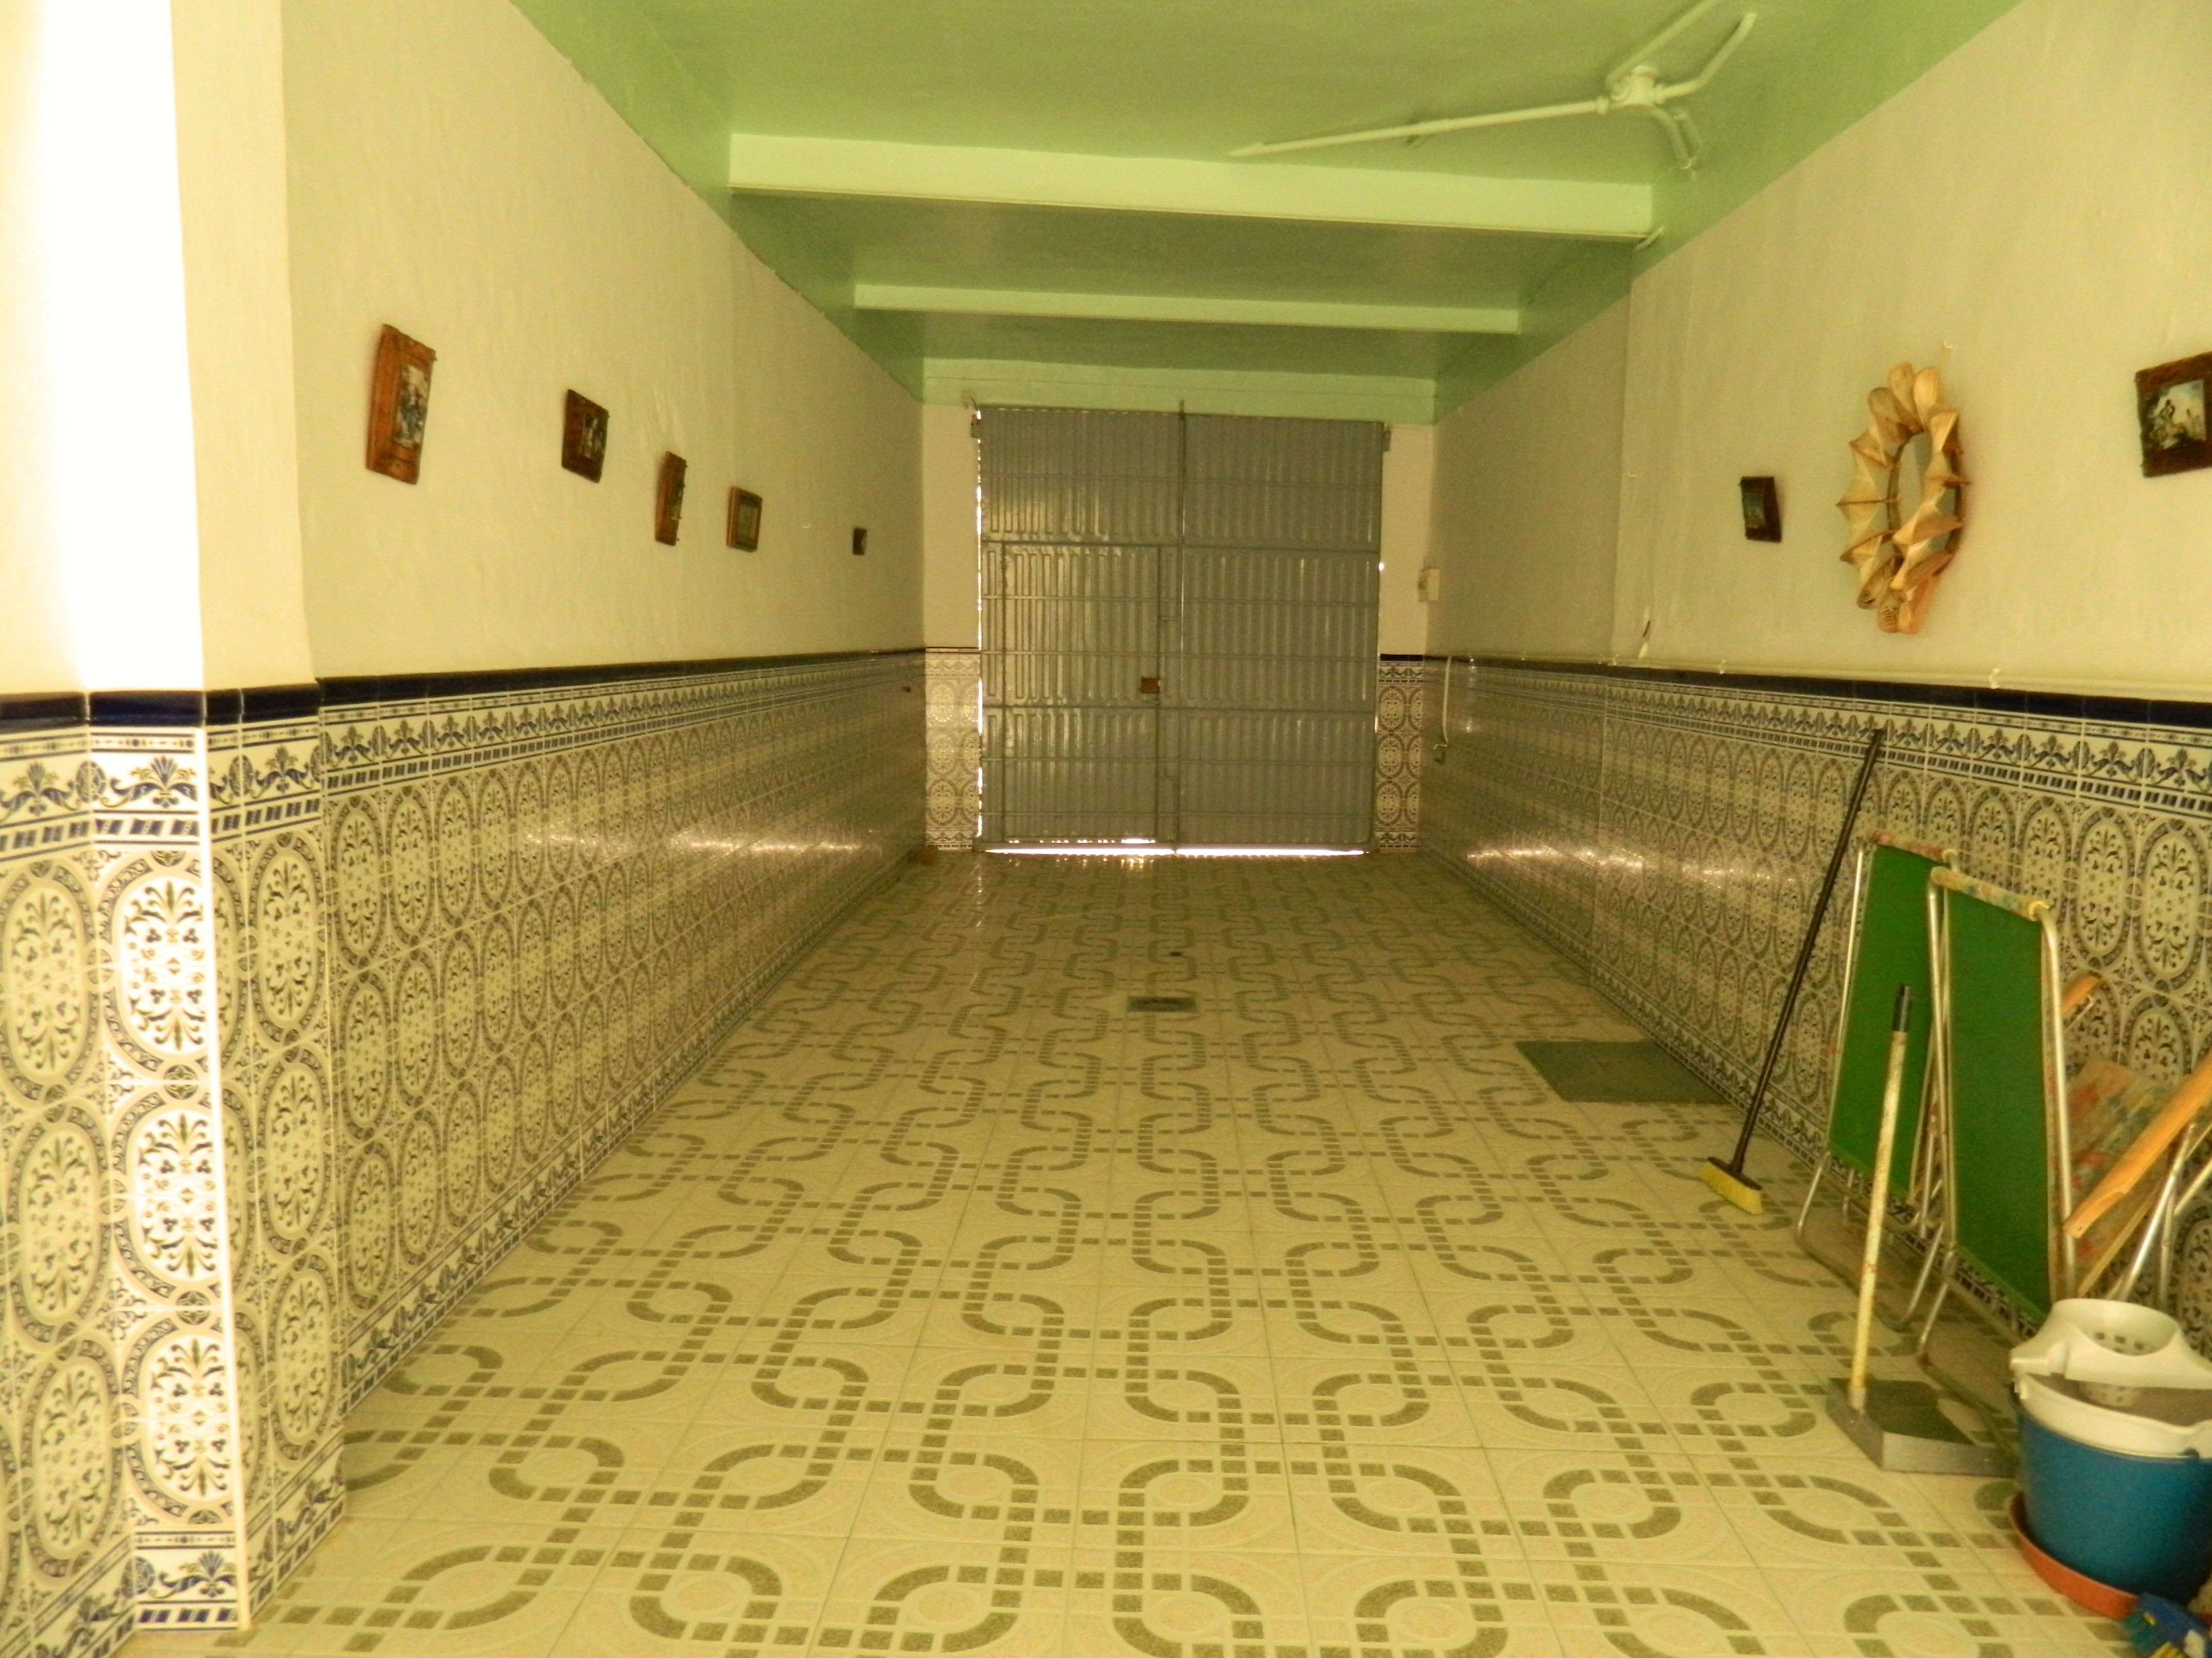 Venta de casa en Cruces 108: Inmuebles Urbanos de ANTONIO ARAGONÉS DÍAZ PAVÓN